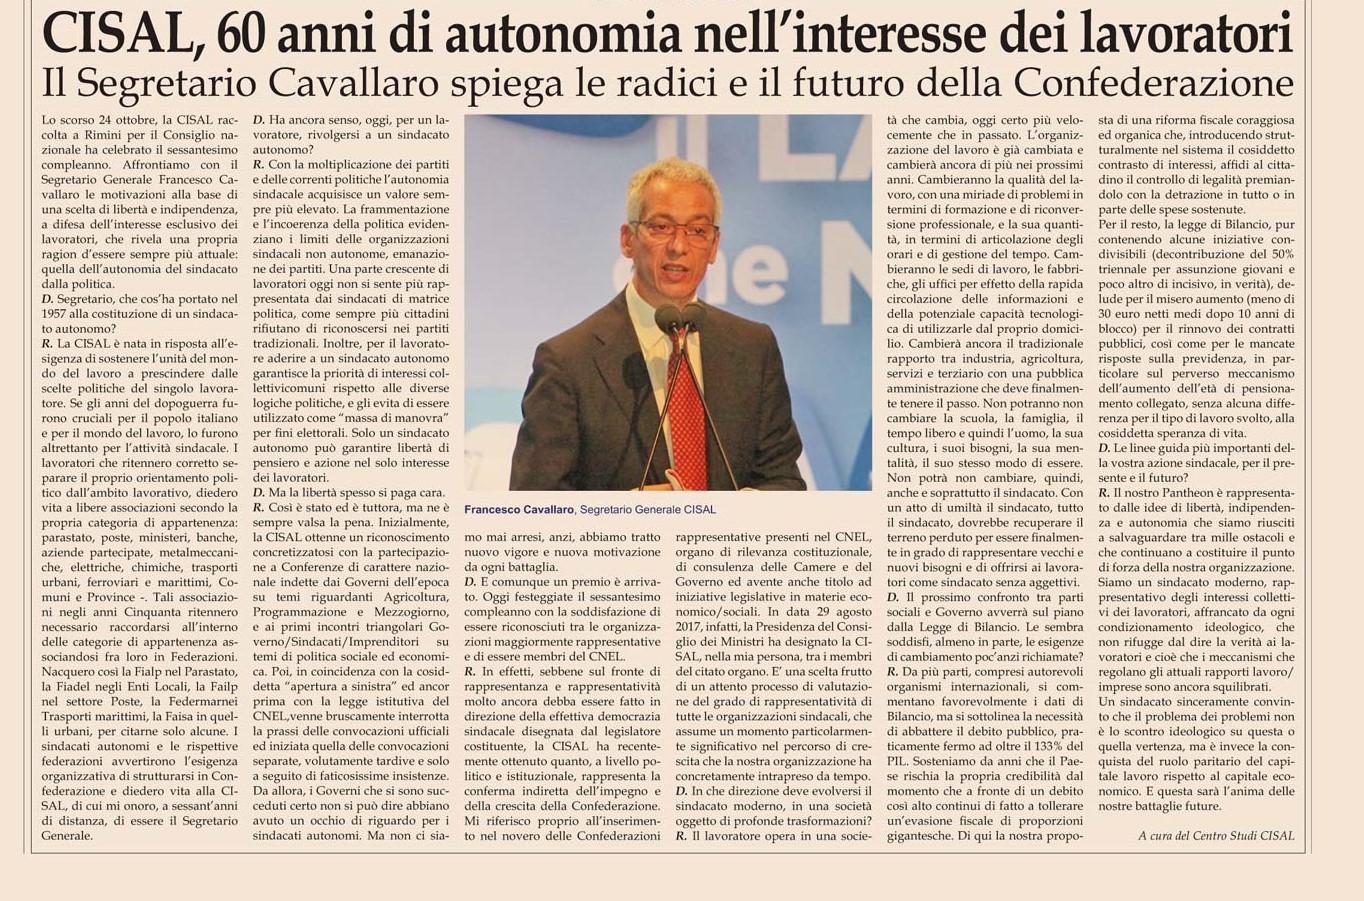 Editoriale in formato PDF:08/11/2017 Il Sole 24 Ore